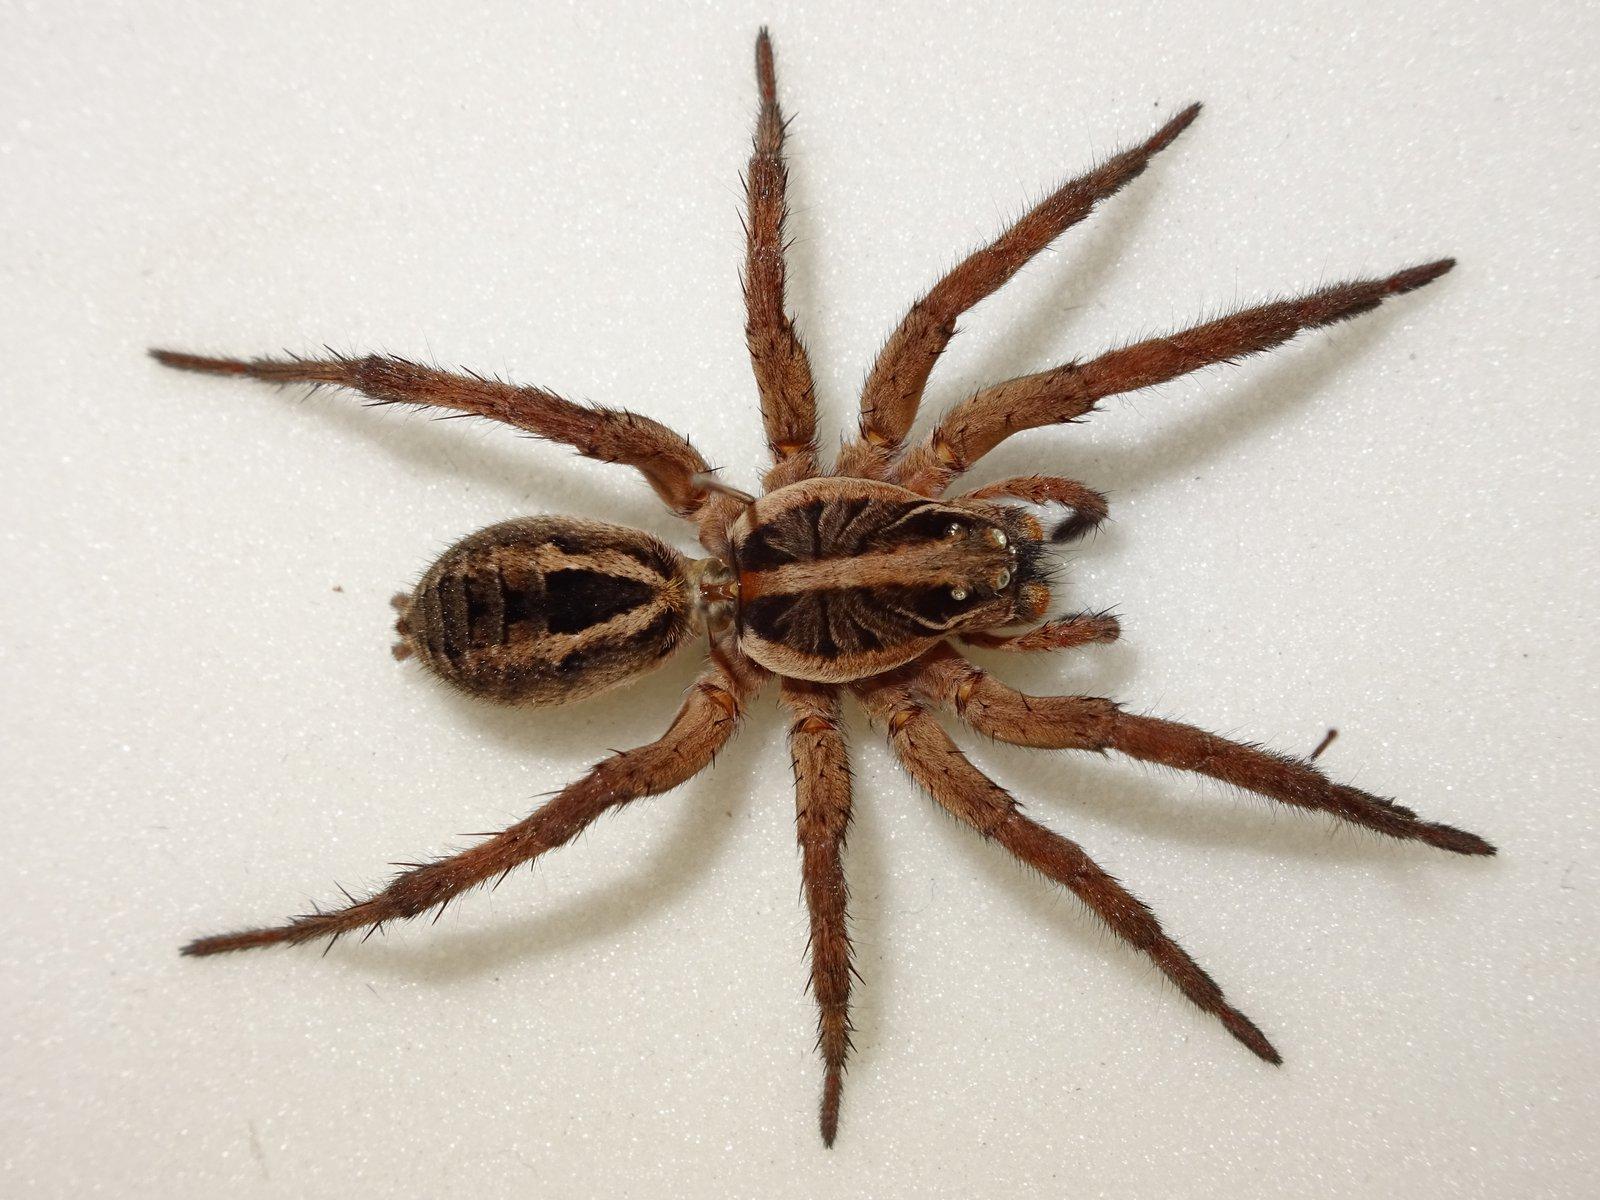 Alert, not alarmed - The Australian Museum Blog